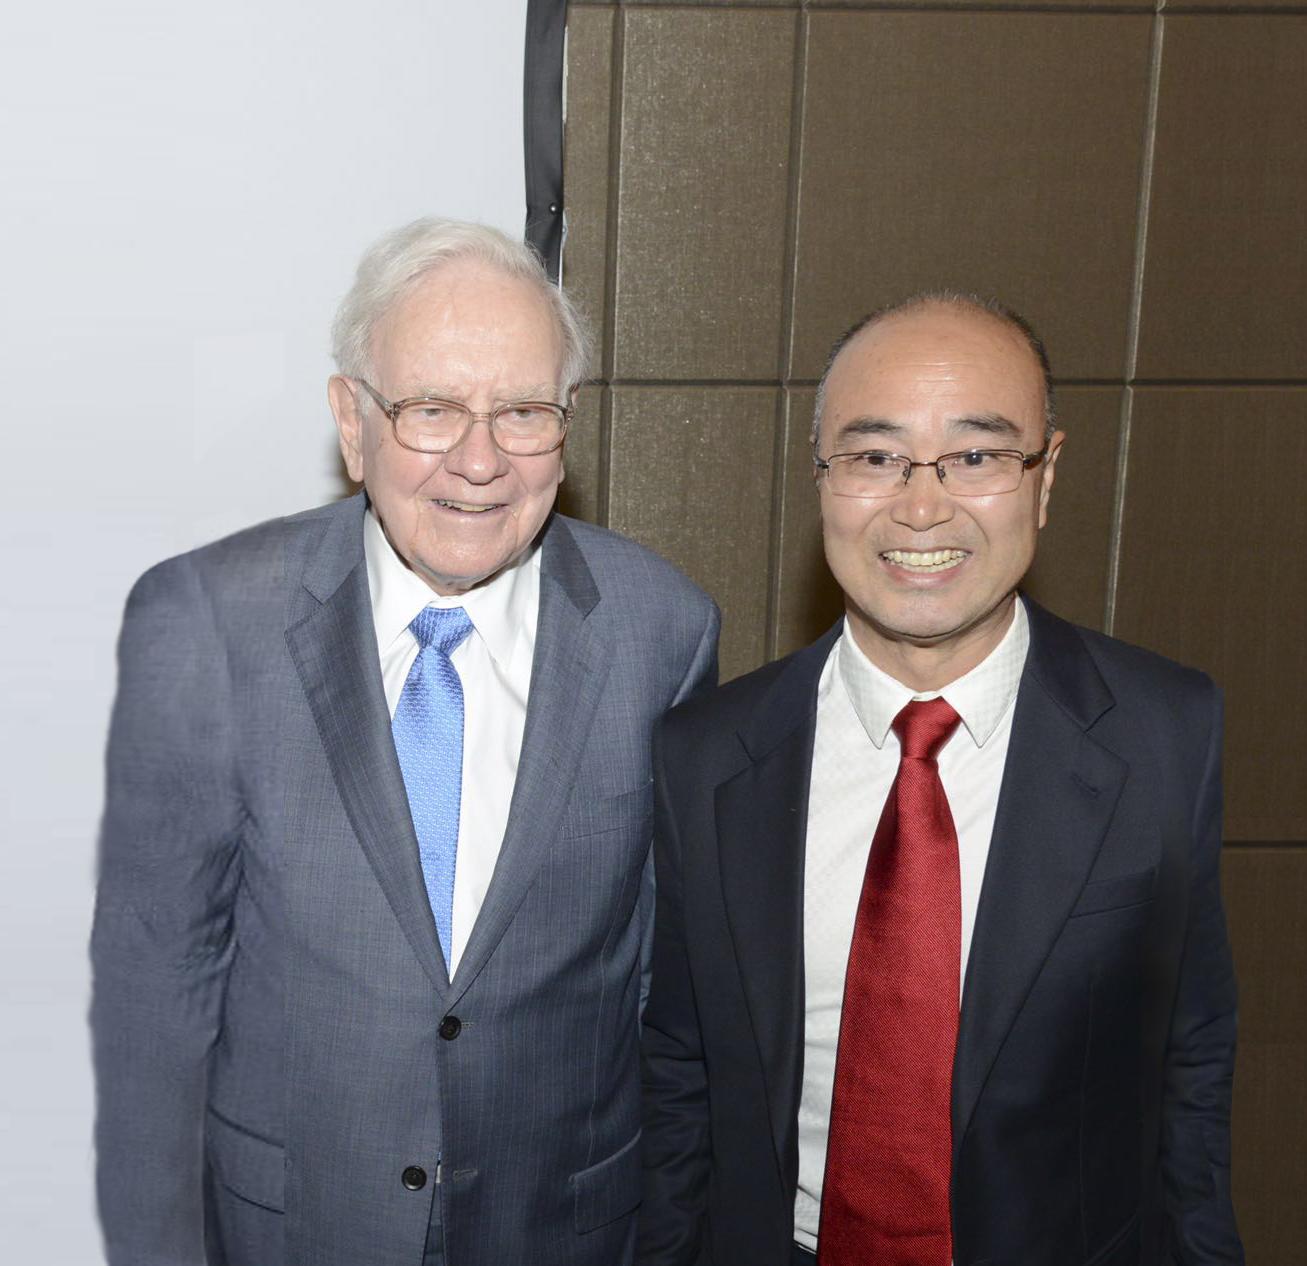 2015年5月2日,奥马哈,伯克希尔股东大会会场209小会议室,陈九霖(右)与巴菲特(左)合影。